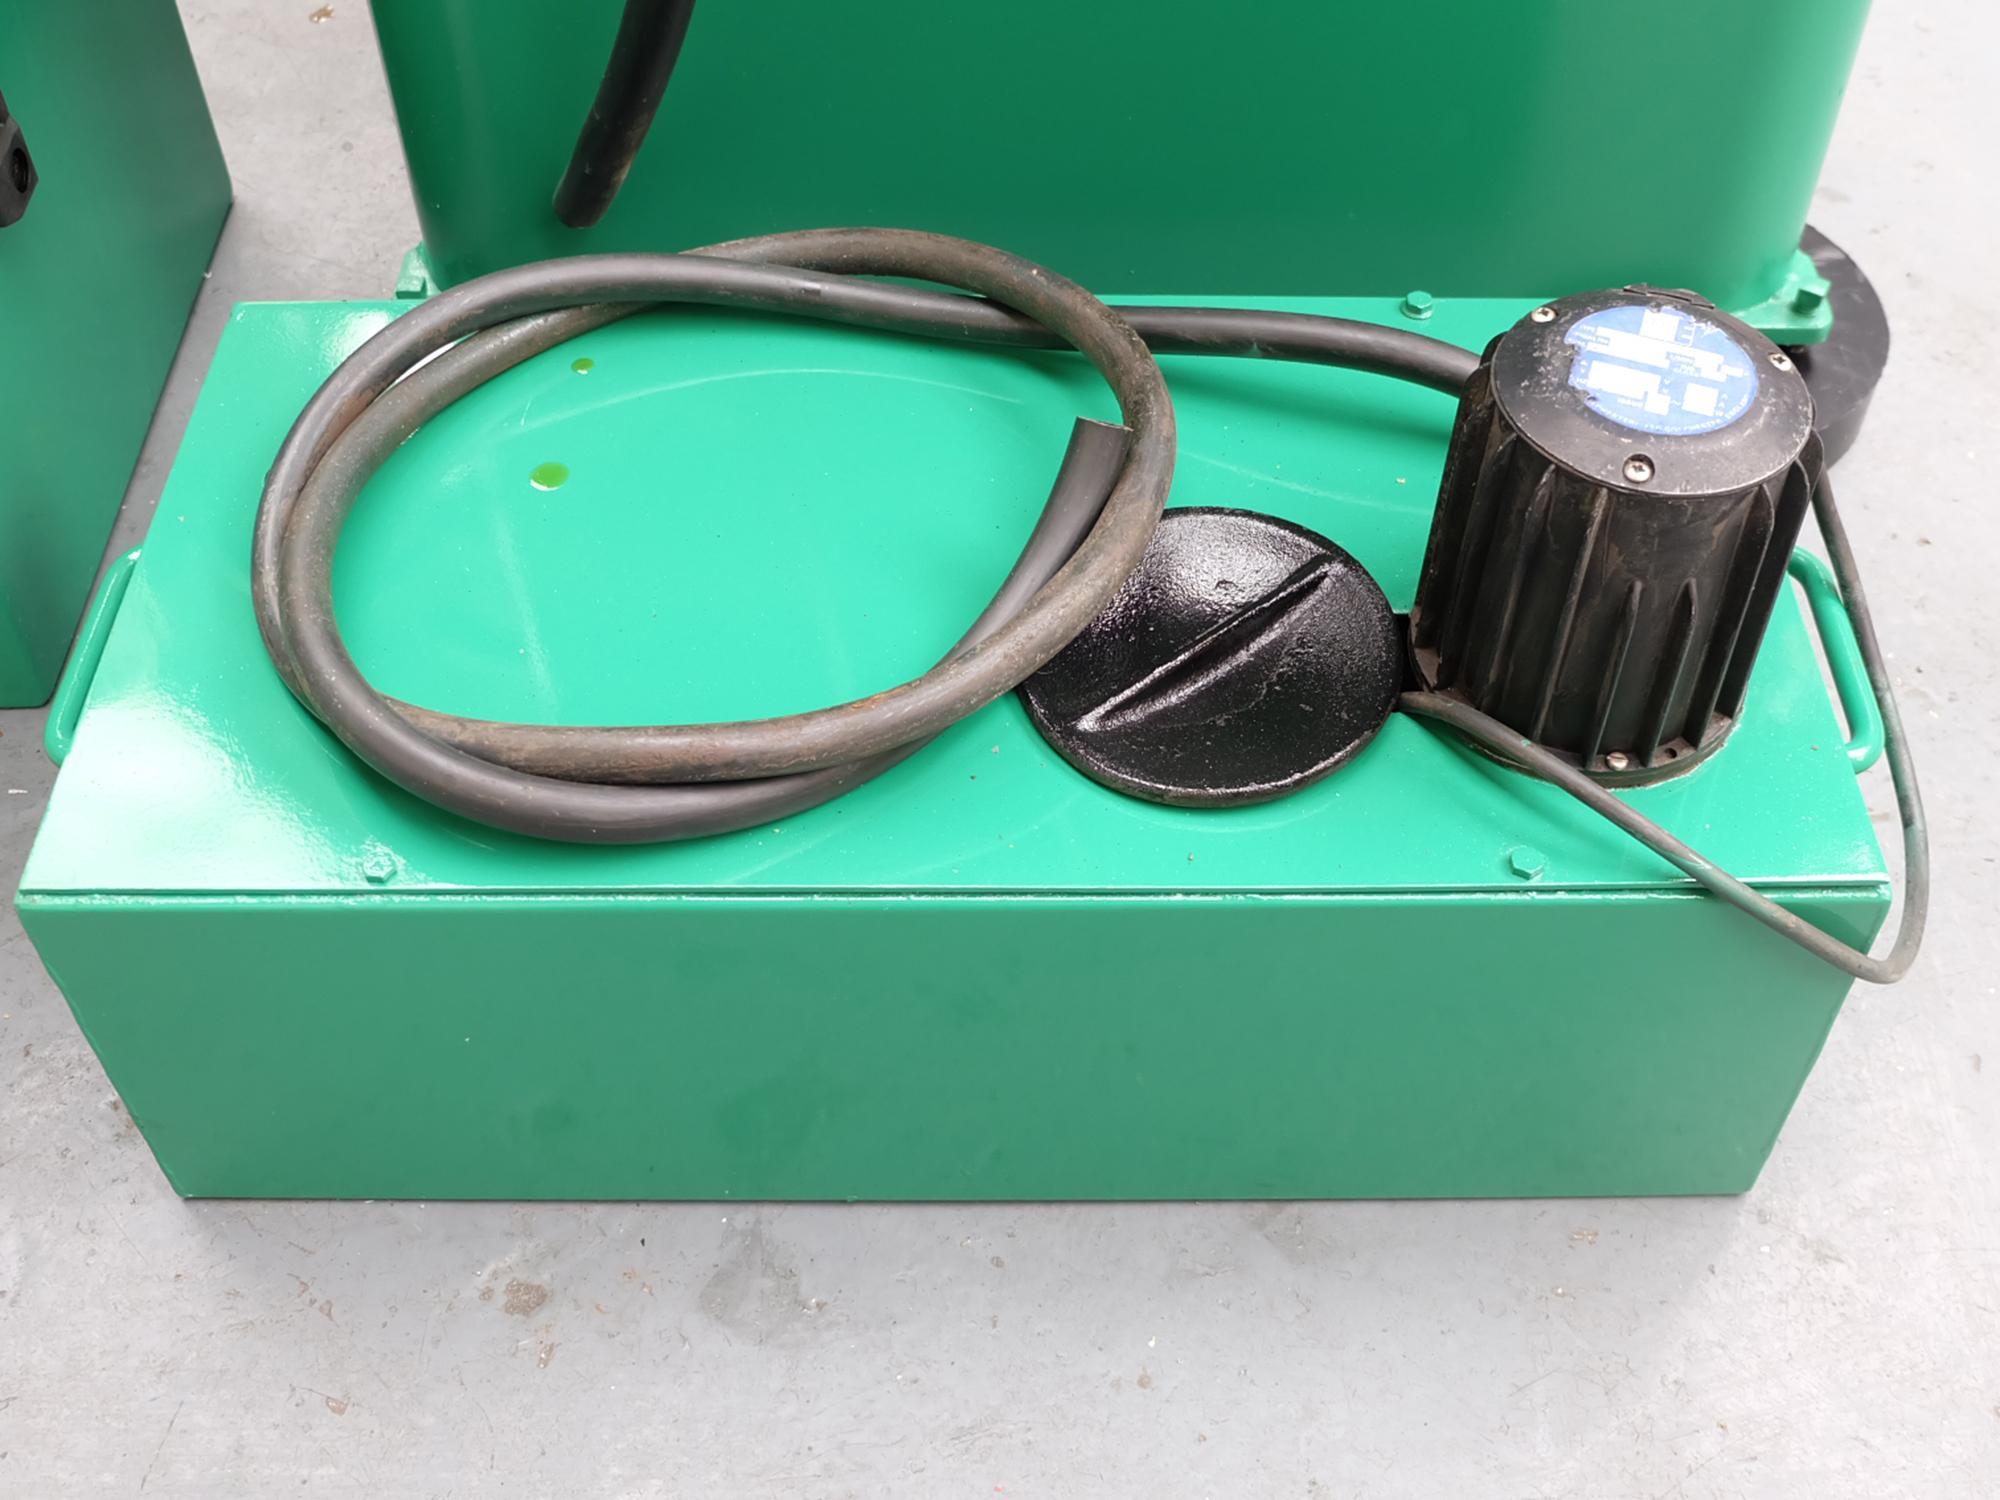 Myford MG12-HA Hydraulic Cylindrical Grinder. - Image 13 of 13